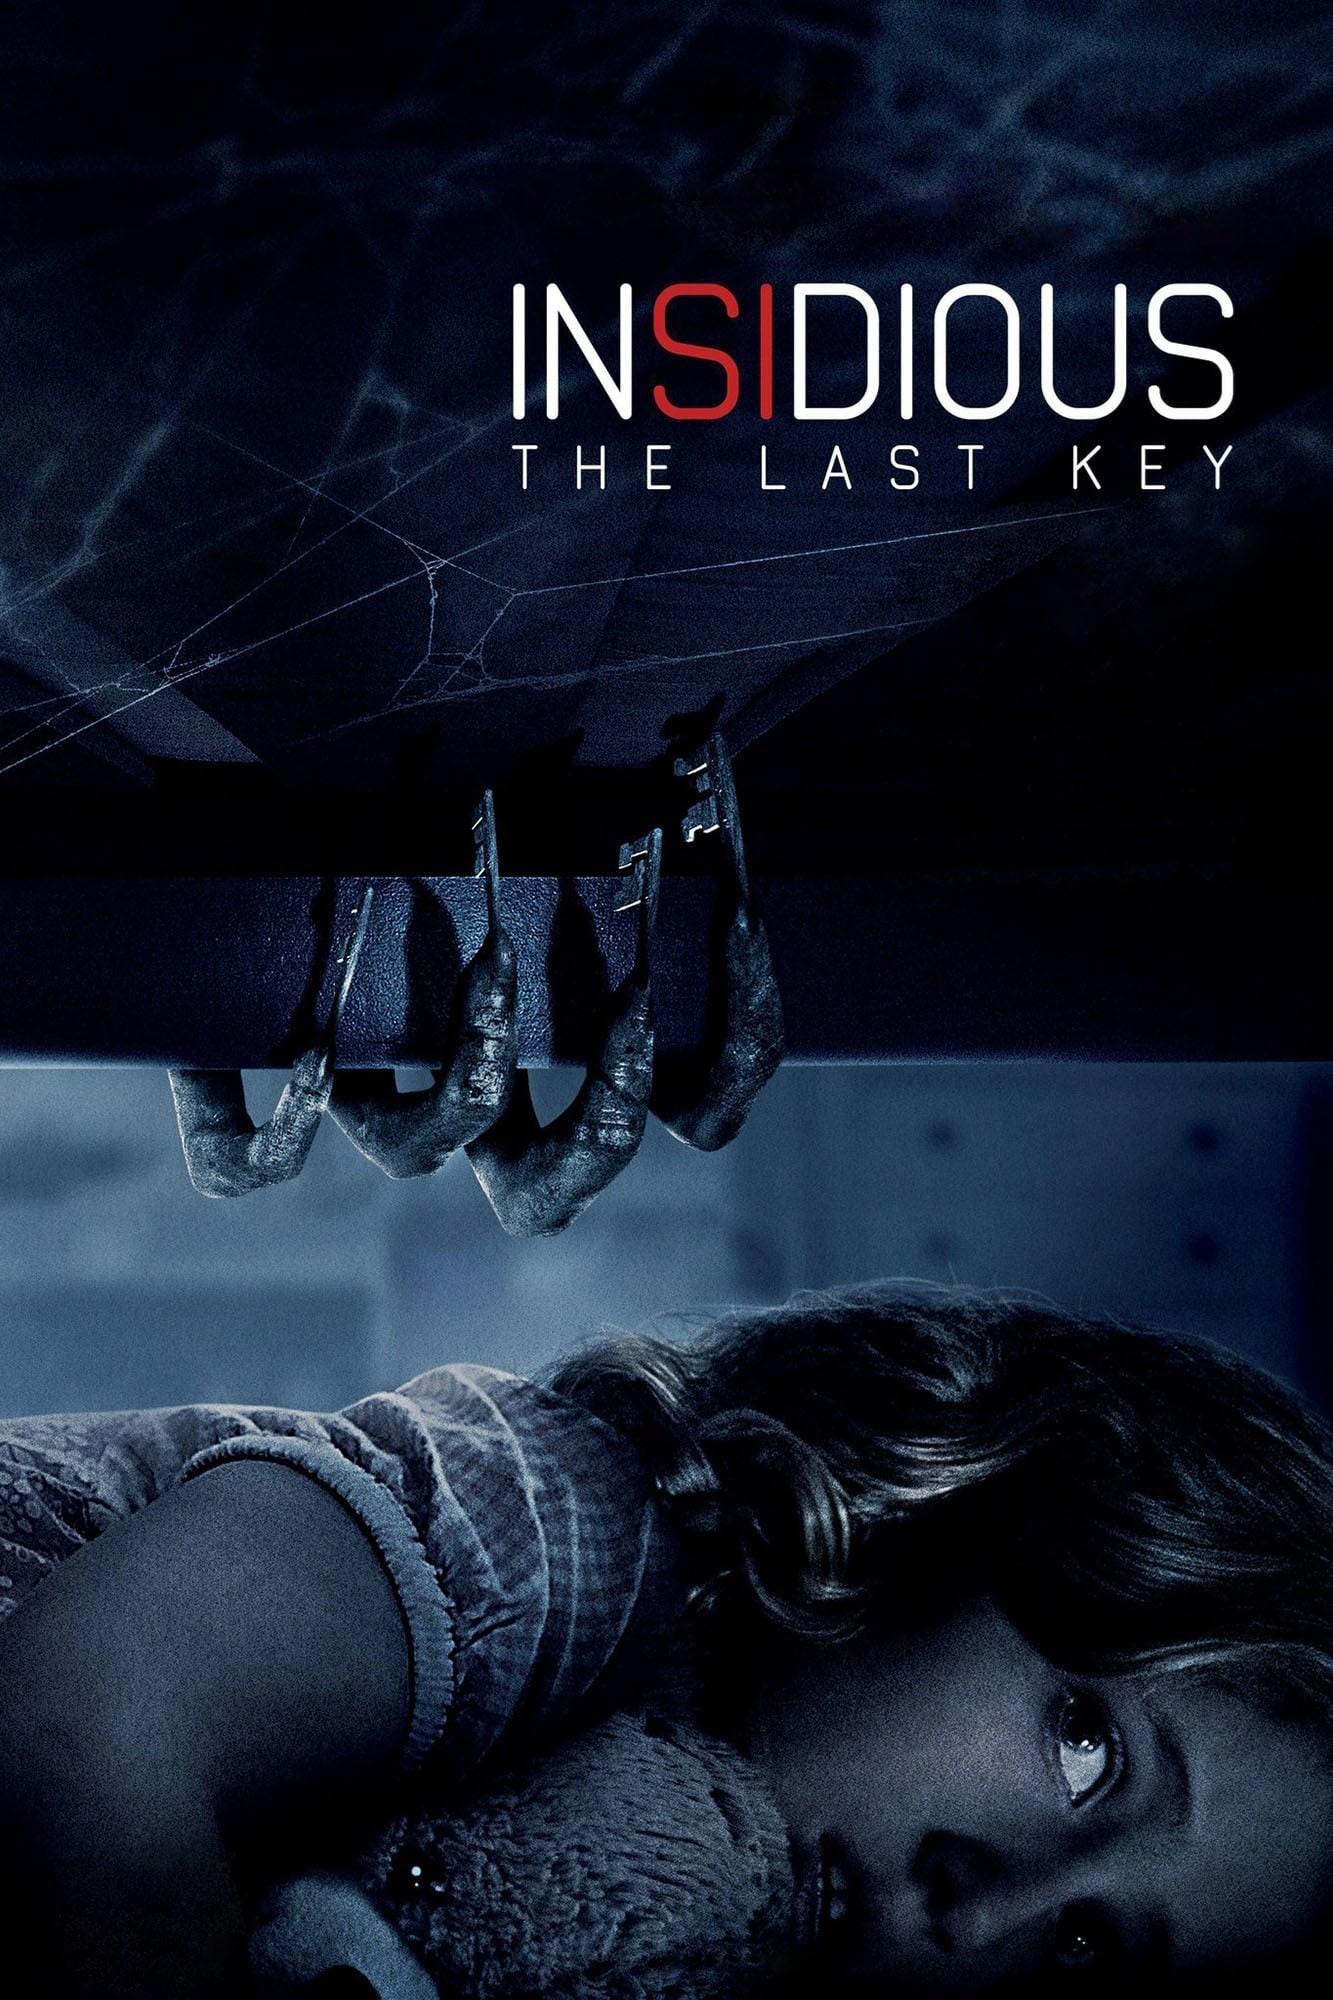 فیلم توطئه آمیز 4 آخرین کلید 2018 Insidious The Last Key